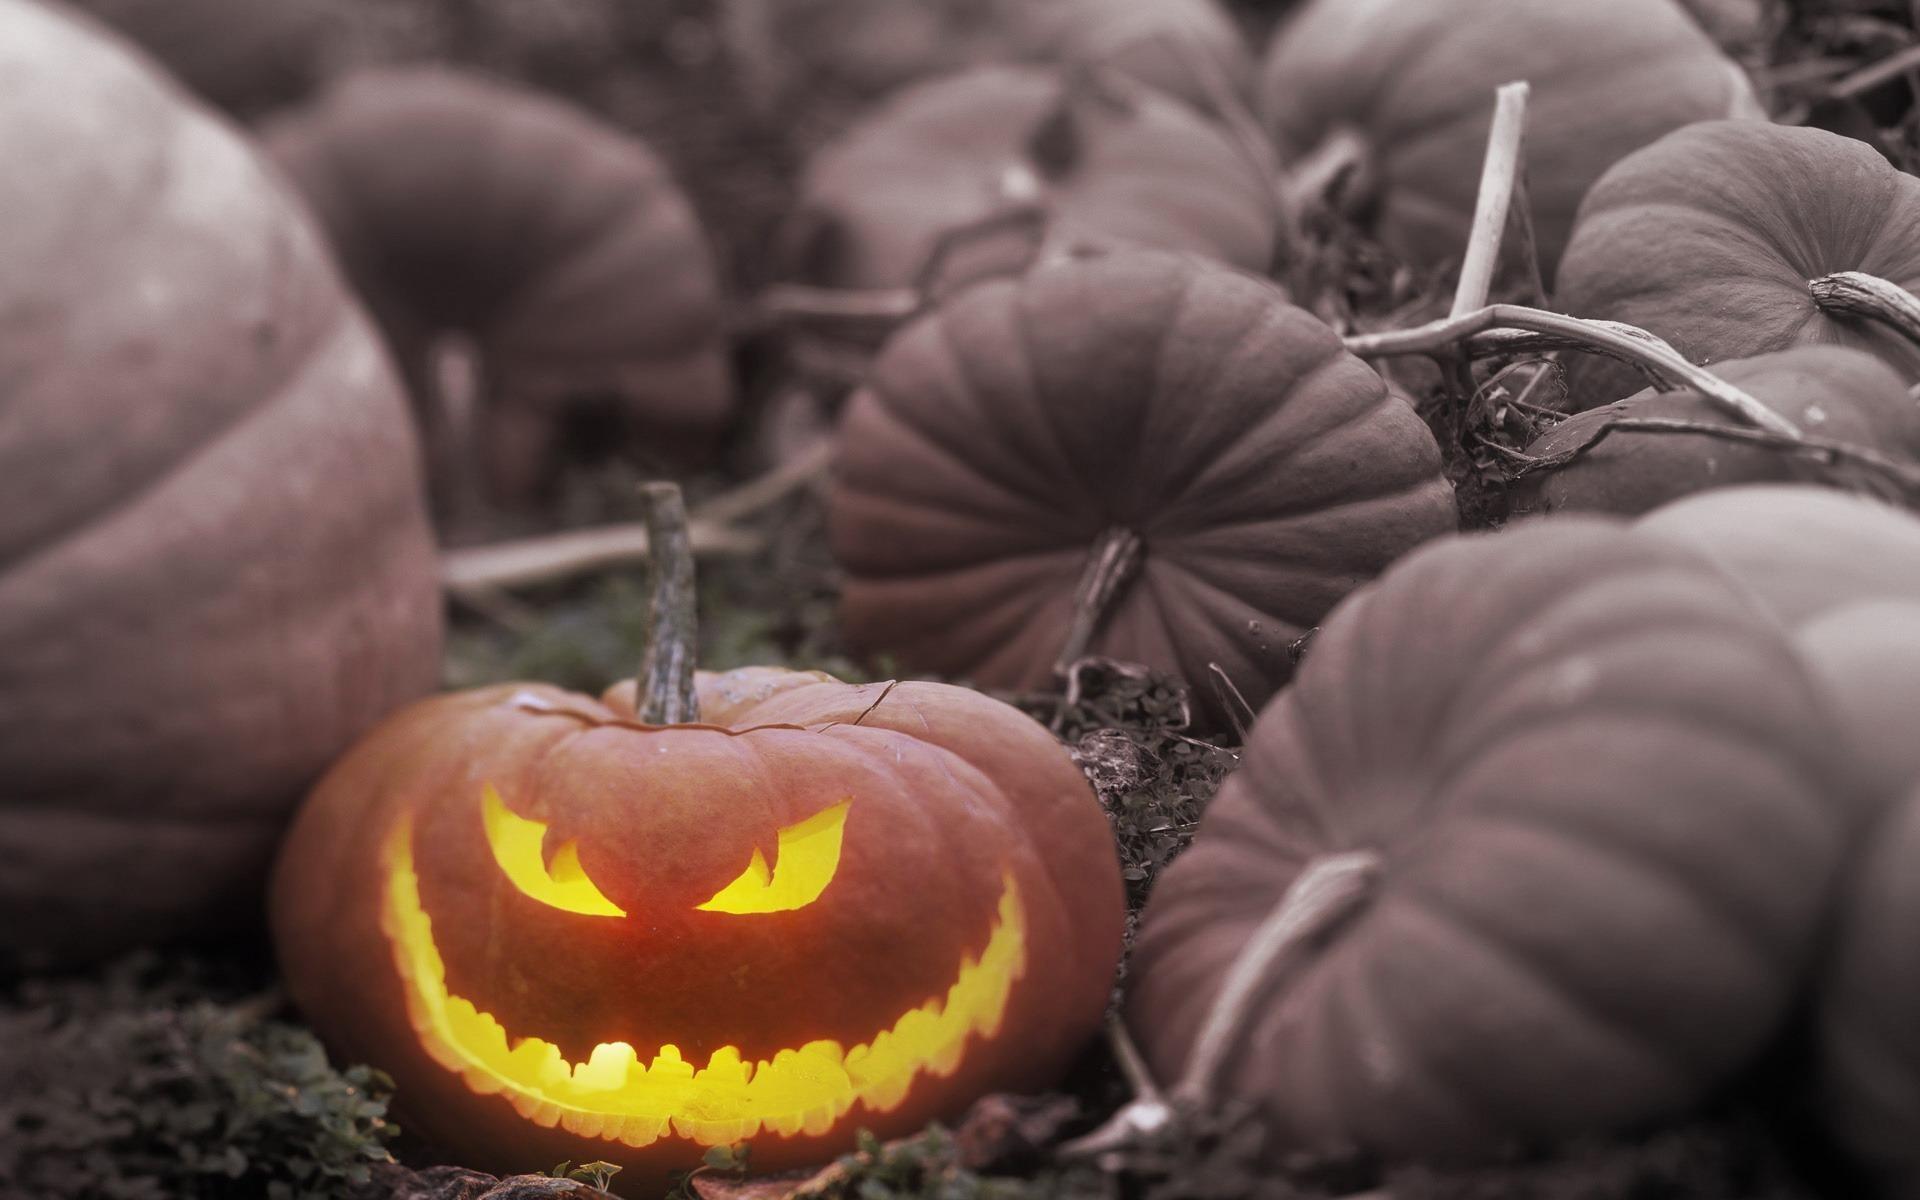 Light-Halloween-Pumpkin-Backgrounds